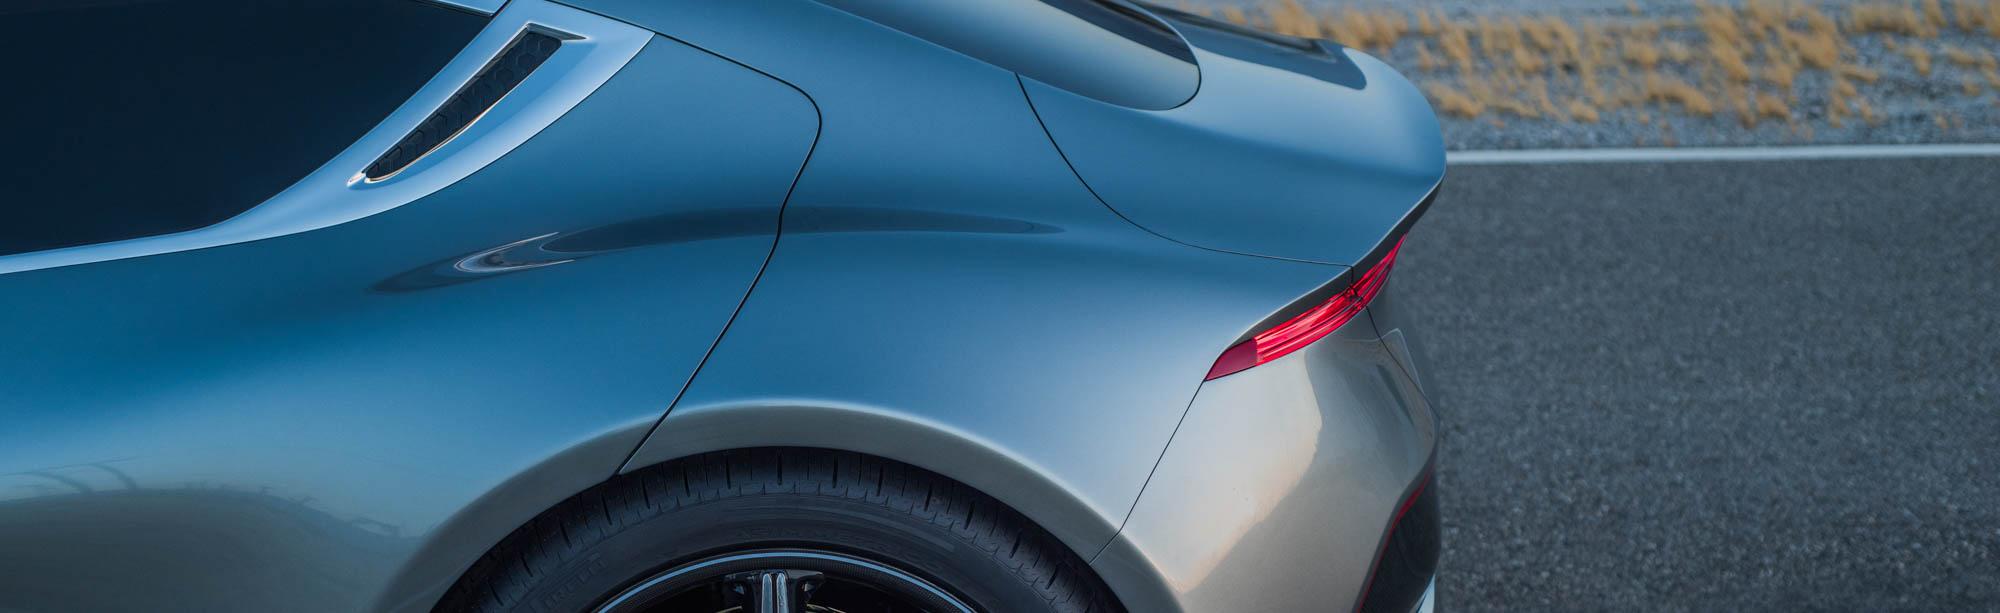 Here S A Sneak Peek Of Fisker S All New Ultra Luxury Electric Car